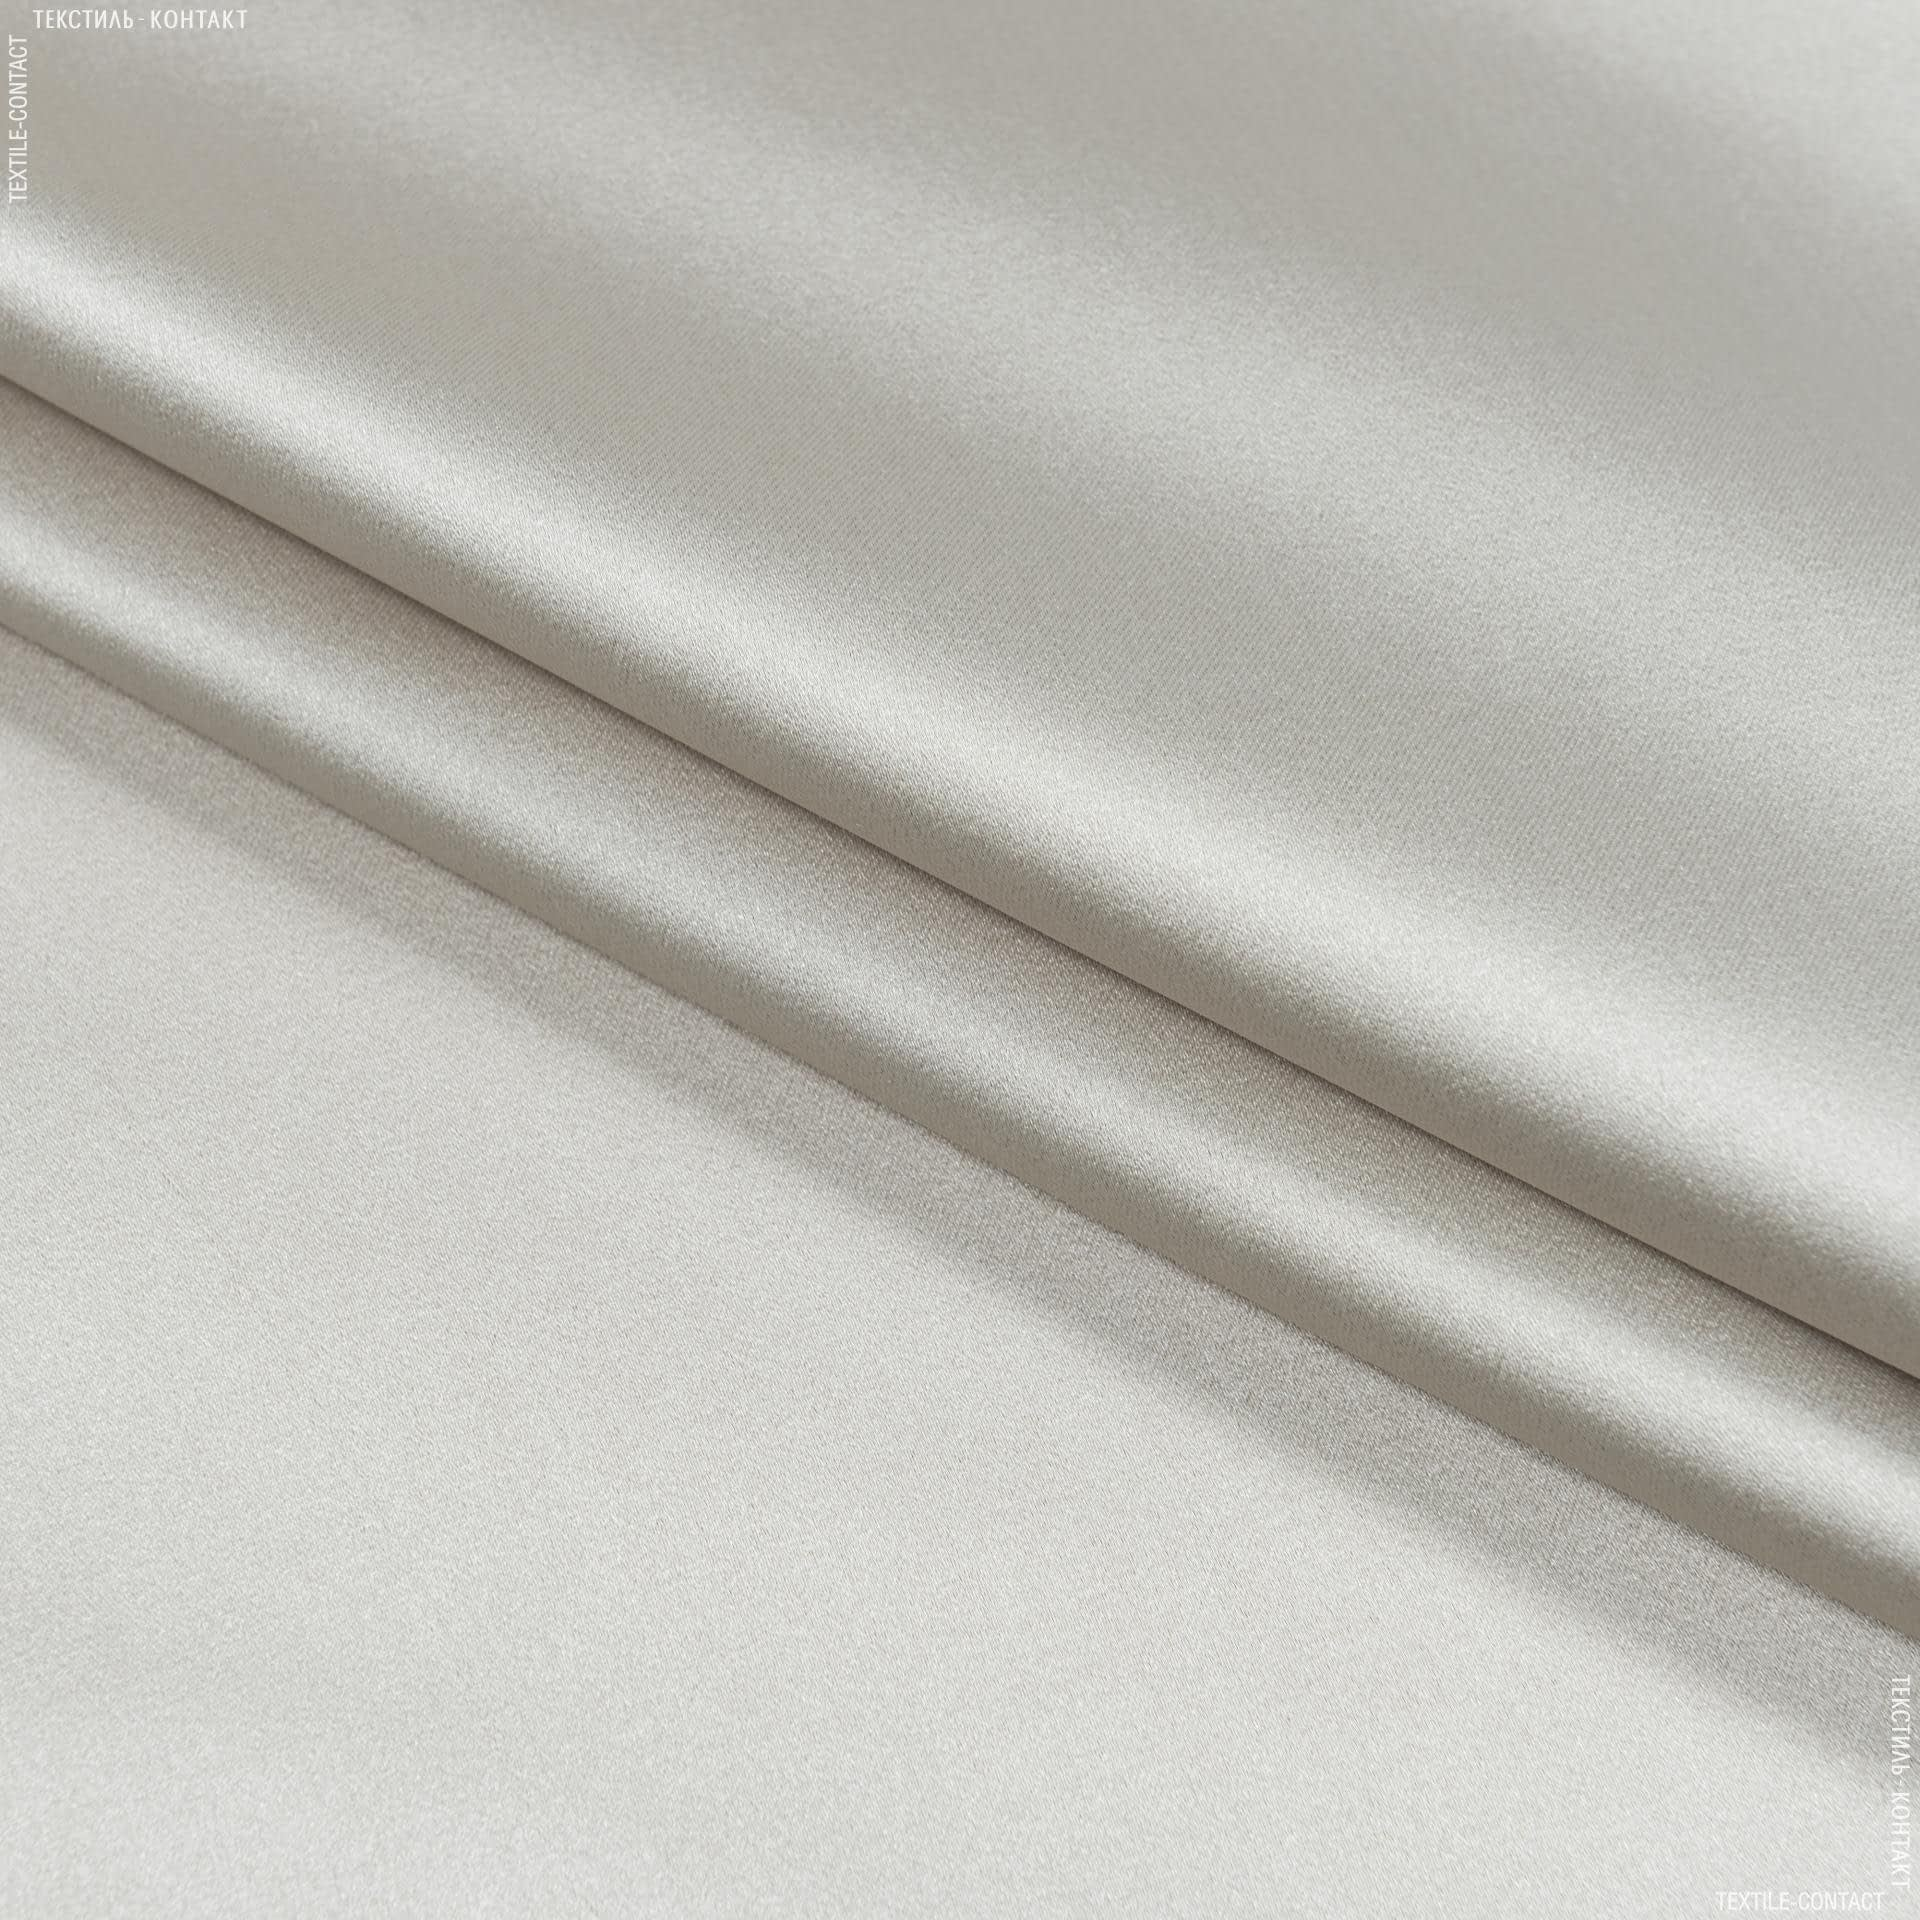 Ткани портьерные ткани - Портьерная ткань атлас нелли  /крем-брюле